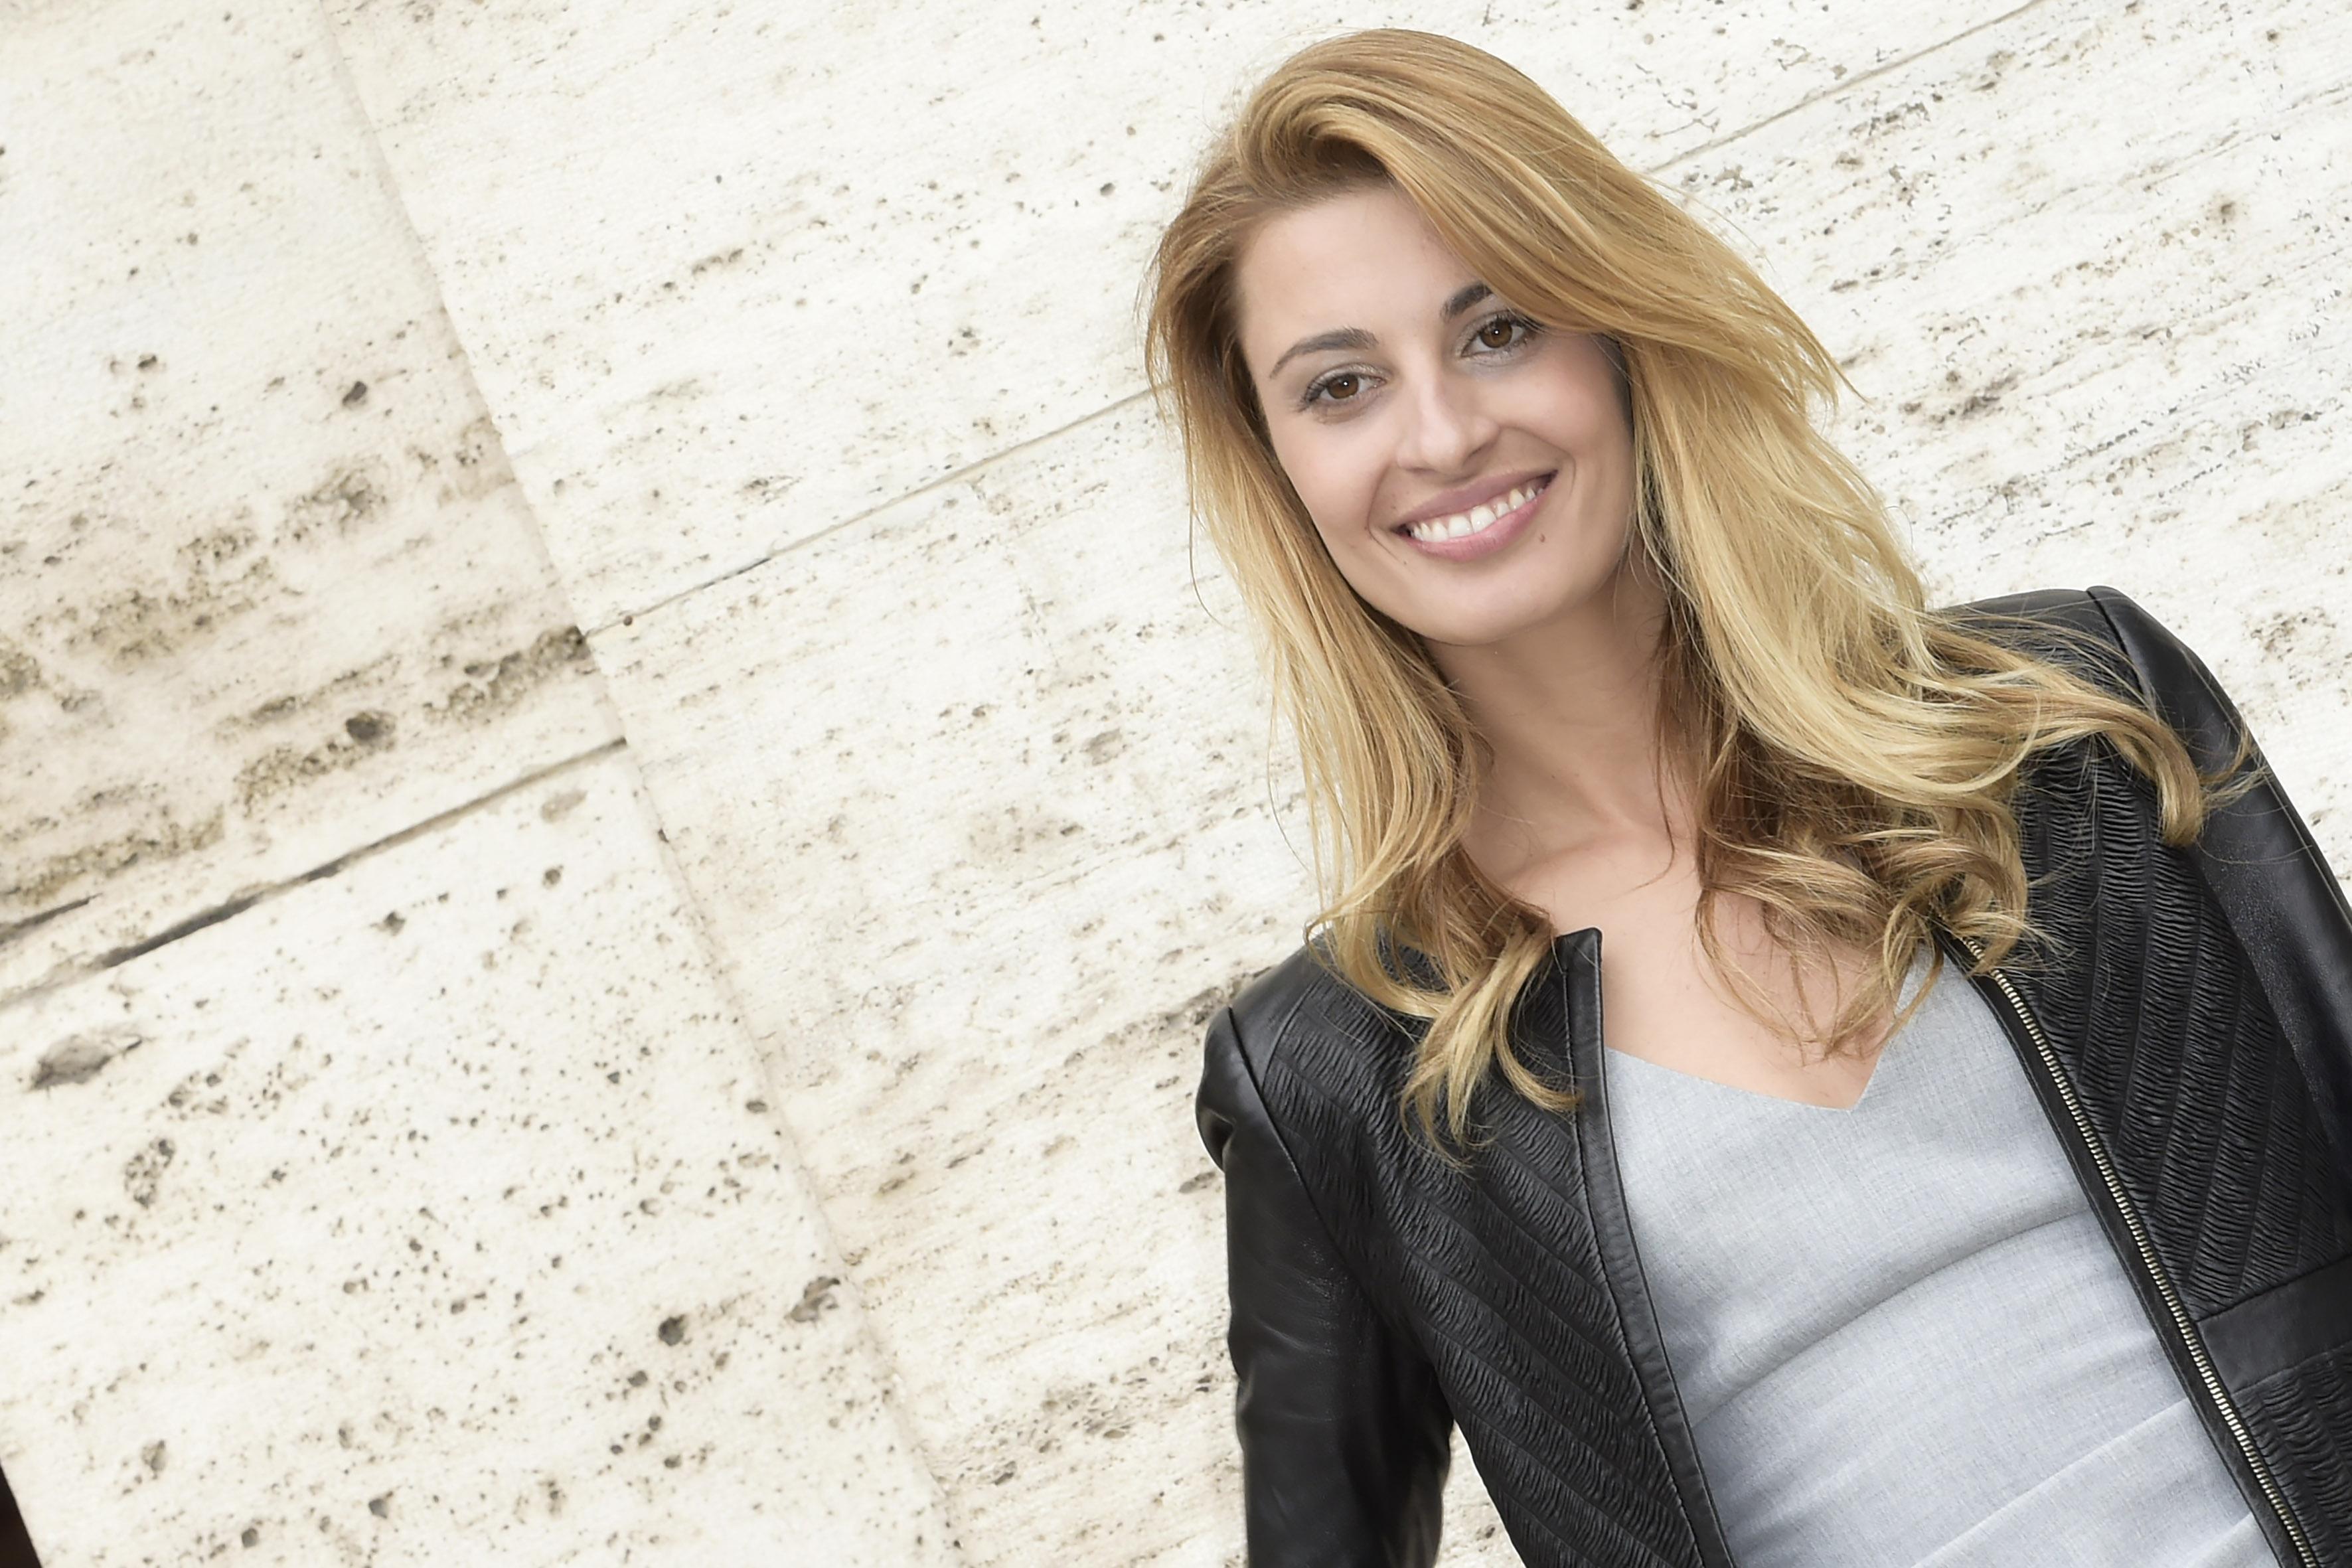 Sveva Alviti, malore in diretta tv: crisi epilettica per l'attrice di Dalida